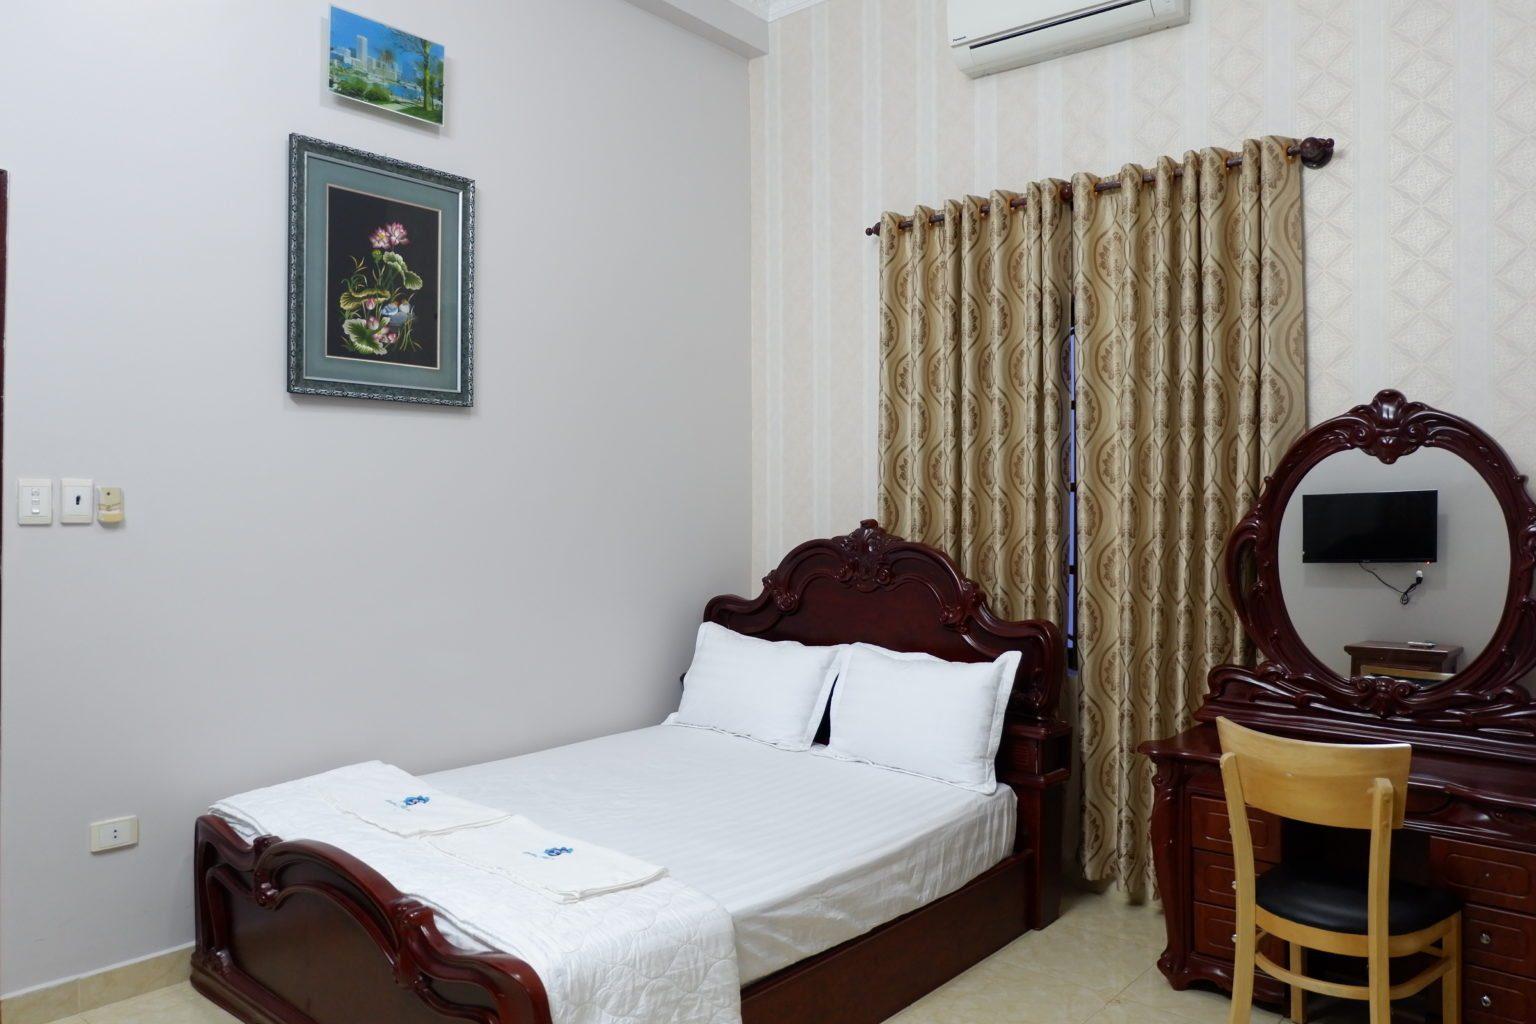 Hình ảnh phòng ngủ với giường đôi êm ái tại biệt thự Vũng Tàu Ali6B